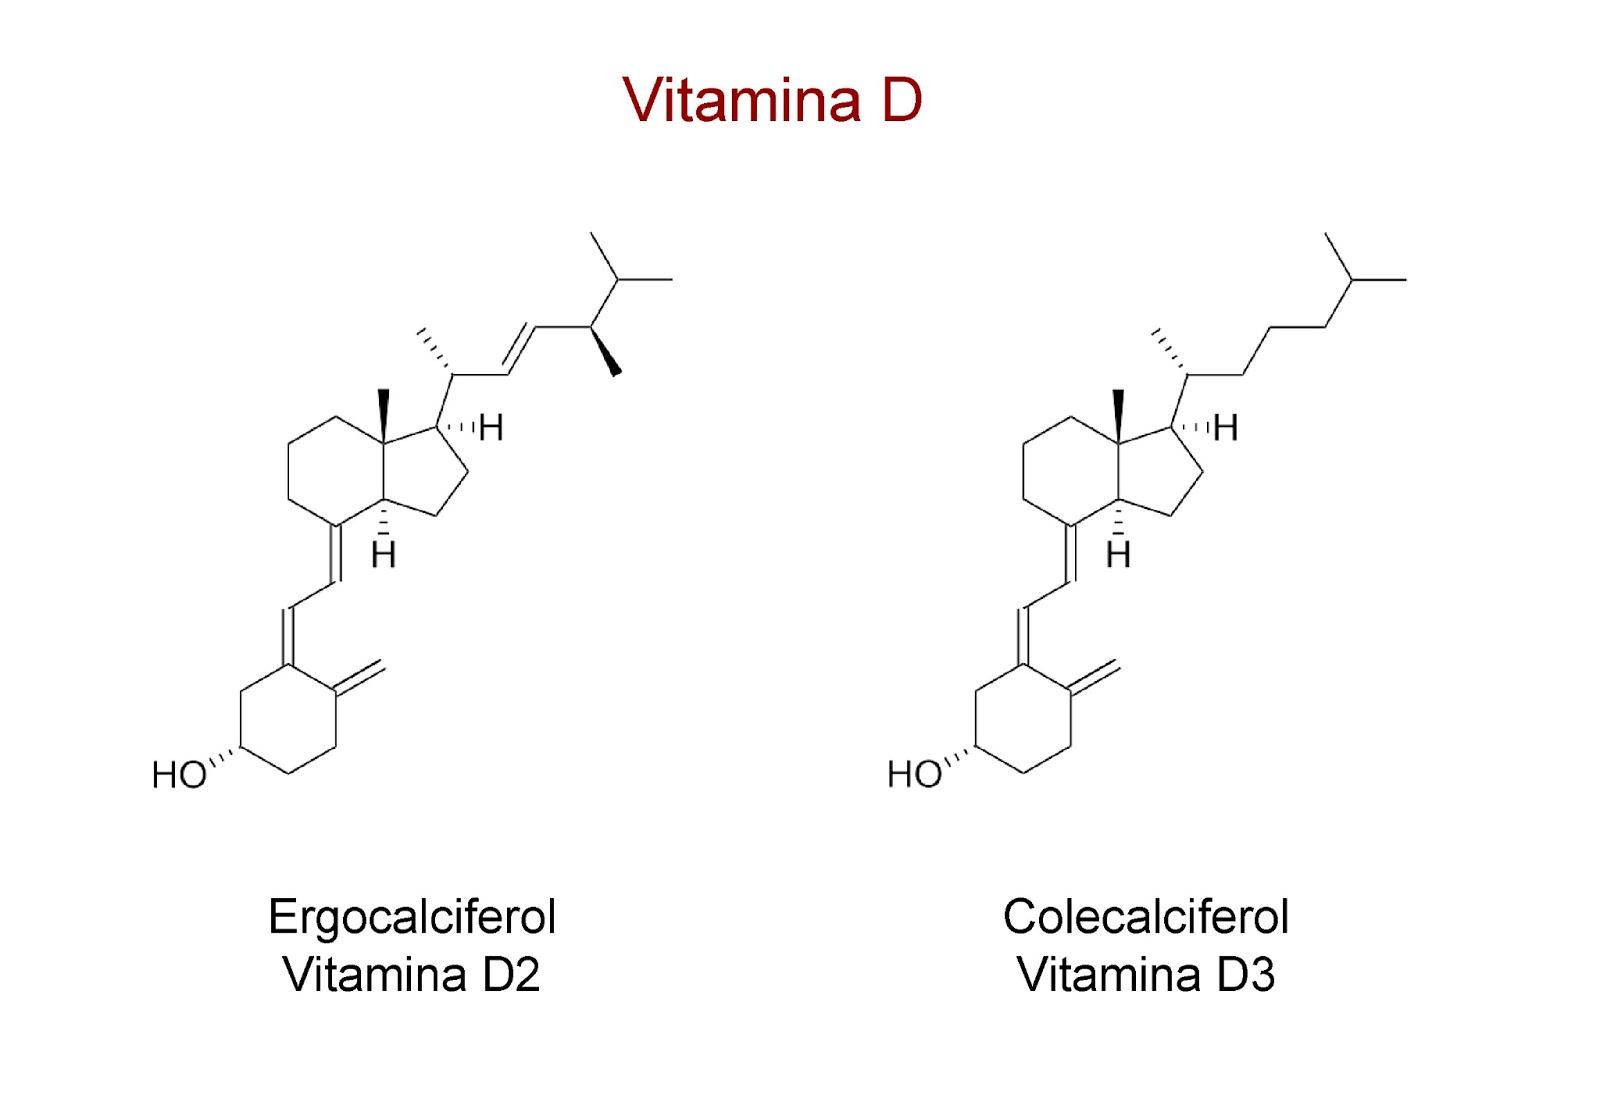 Las dos formas químicas de la vitamina D: ergocalciferol y colecalciferol